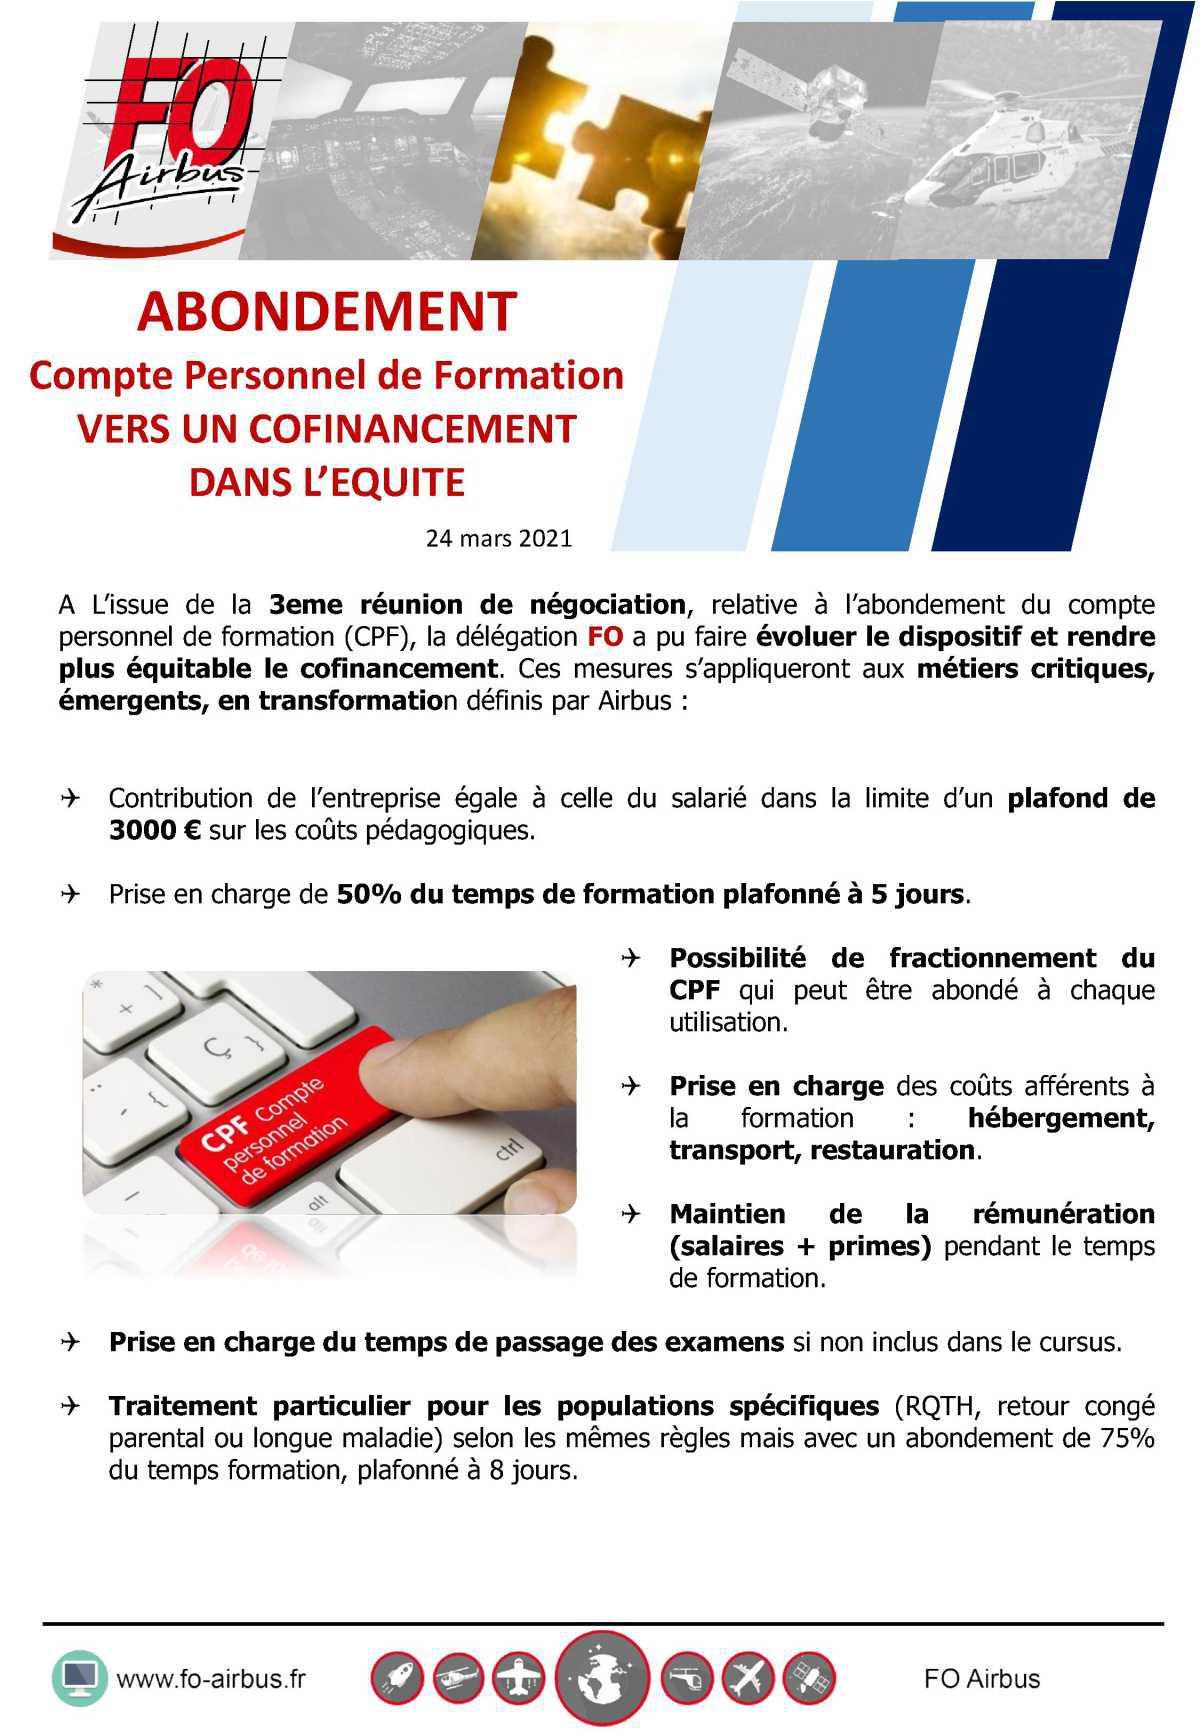 Compte Personnel de Formation: 3ème Réunion de négociation